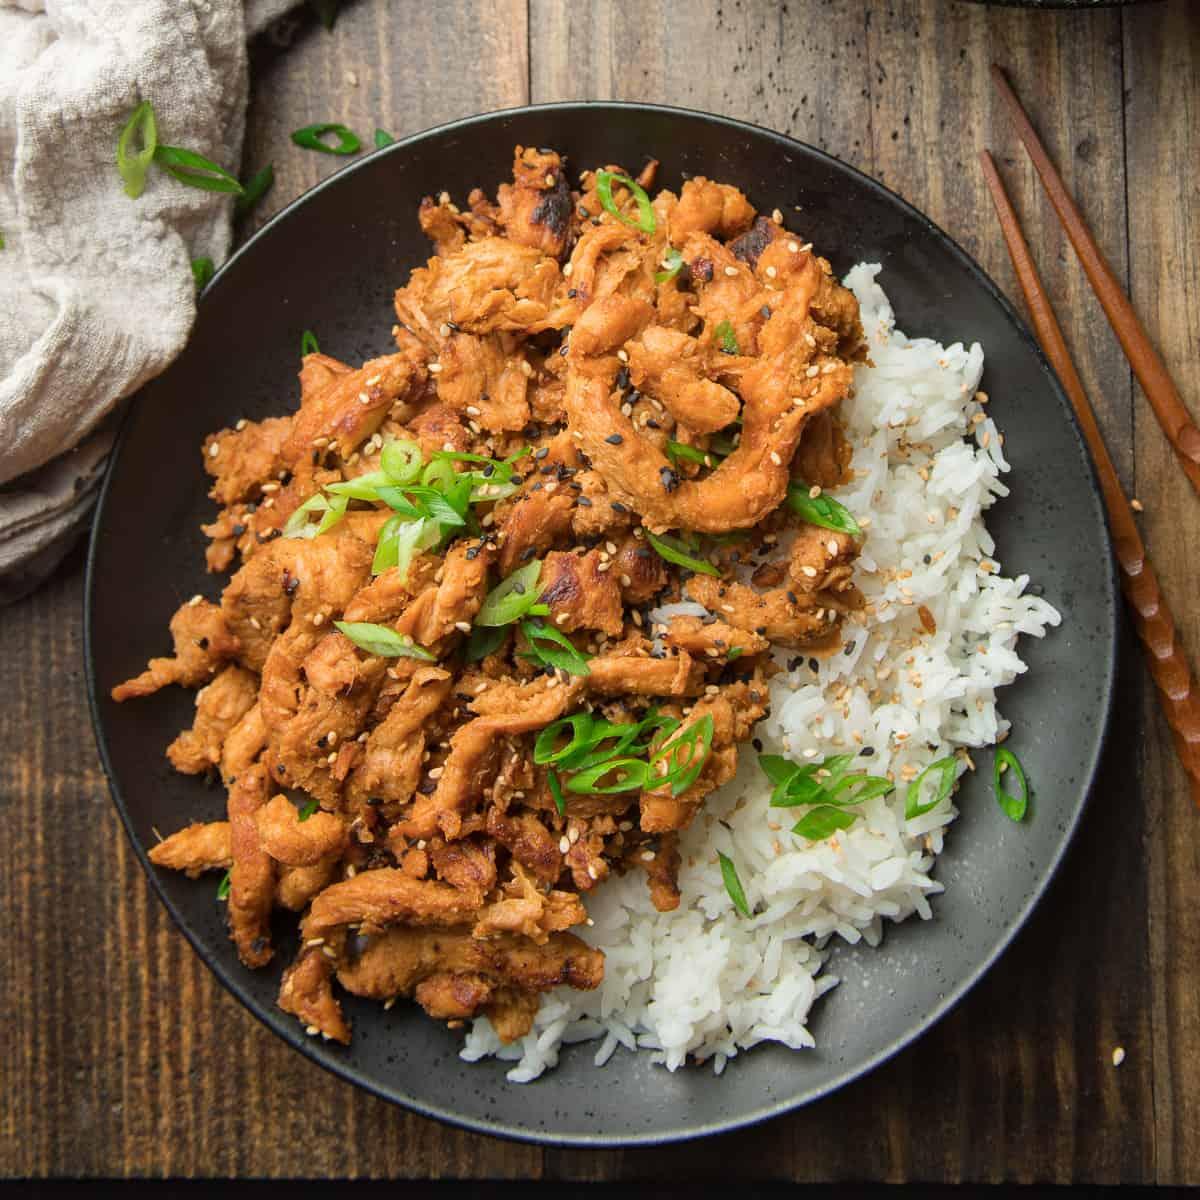 Plate of Vegan Bulgogi Over Rice